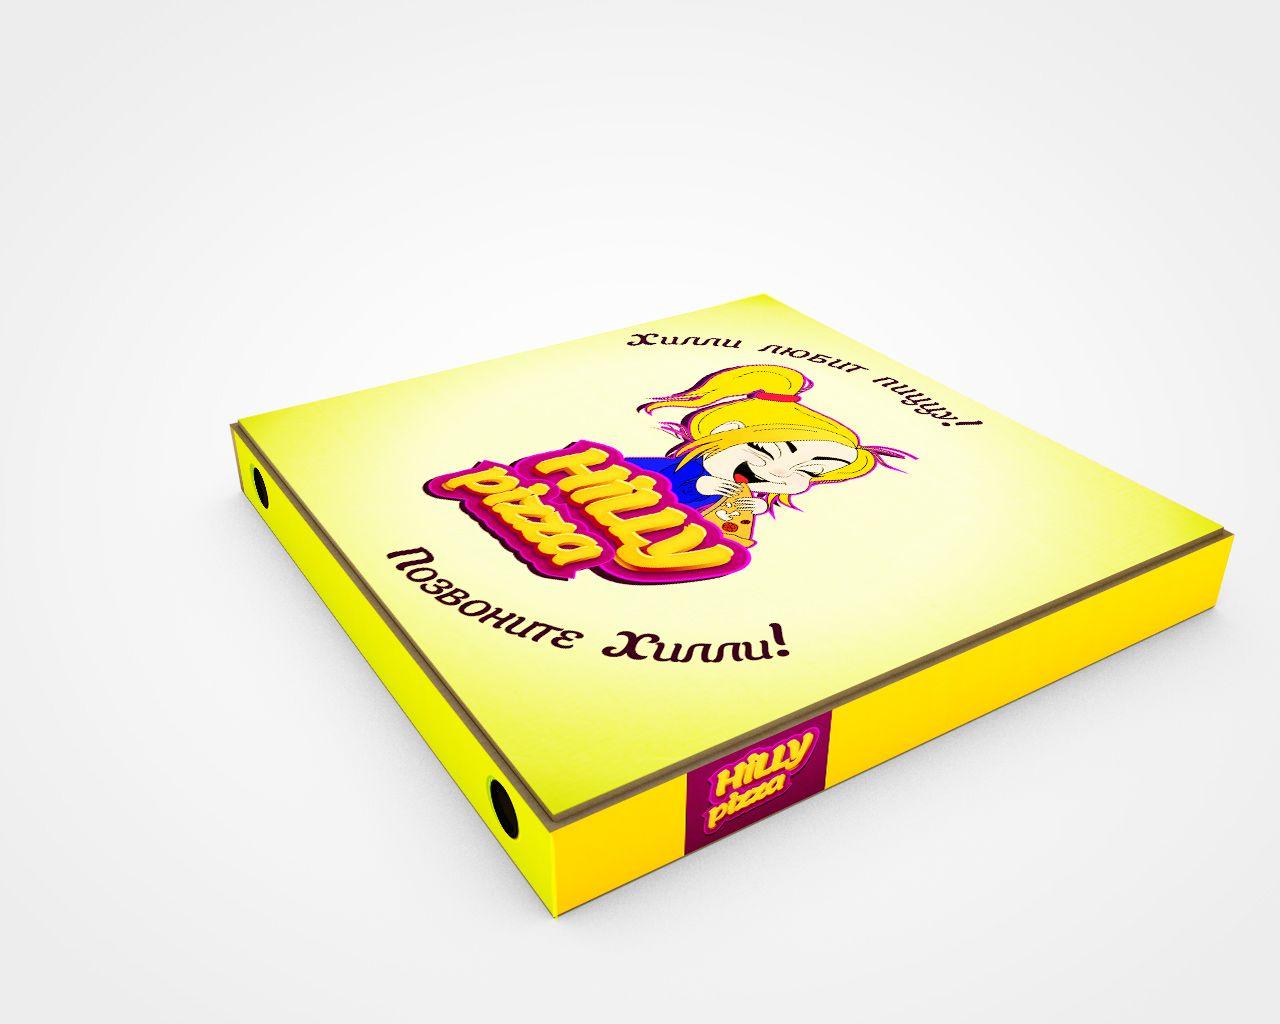 Доставка пиццы Хилли пицца\HILLY PIZZA - дизайнер Mirrad